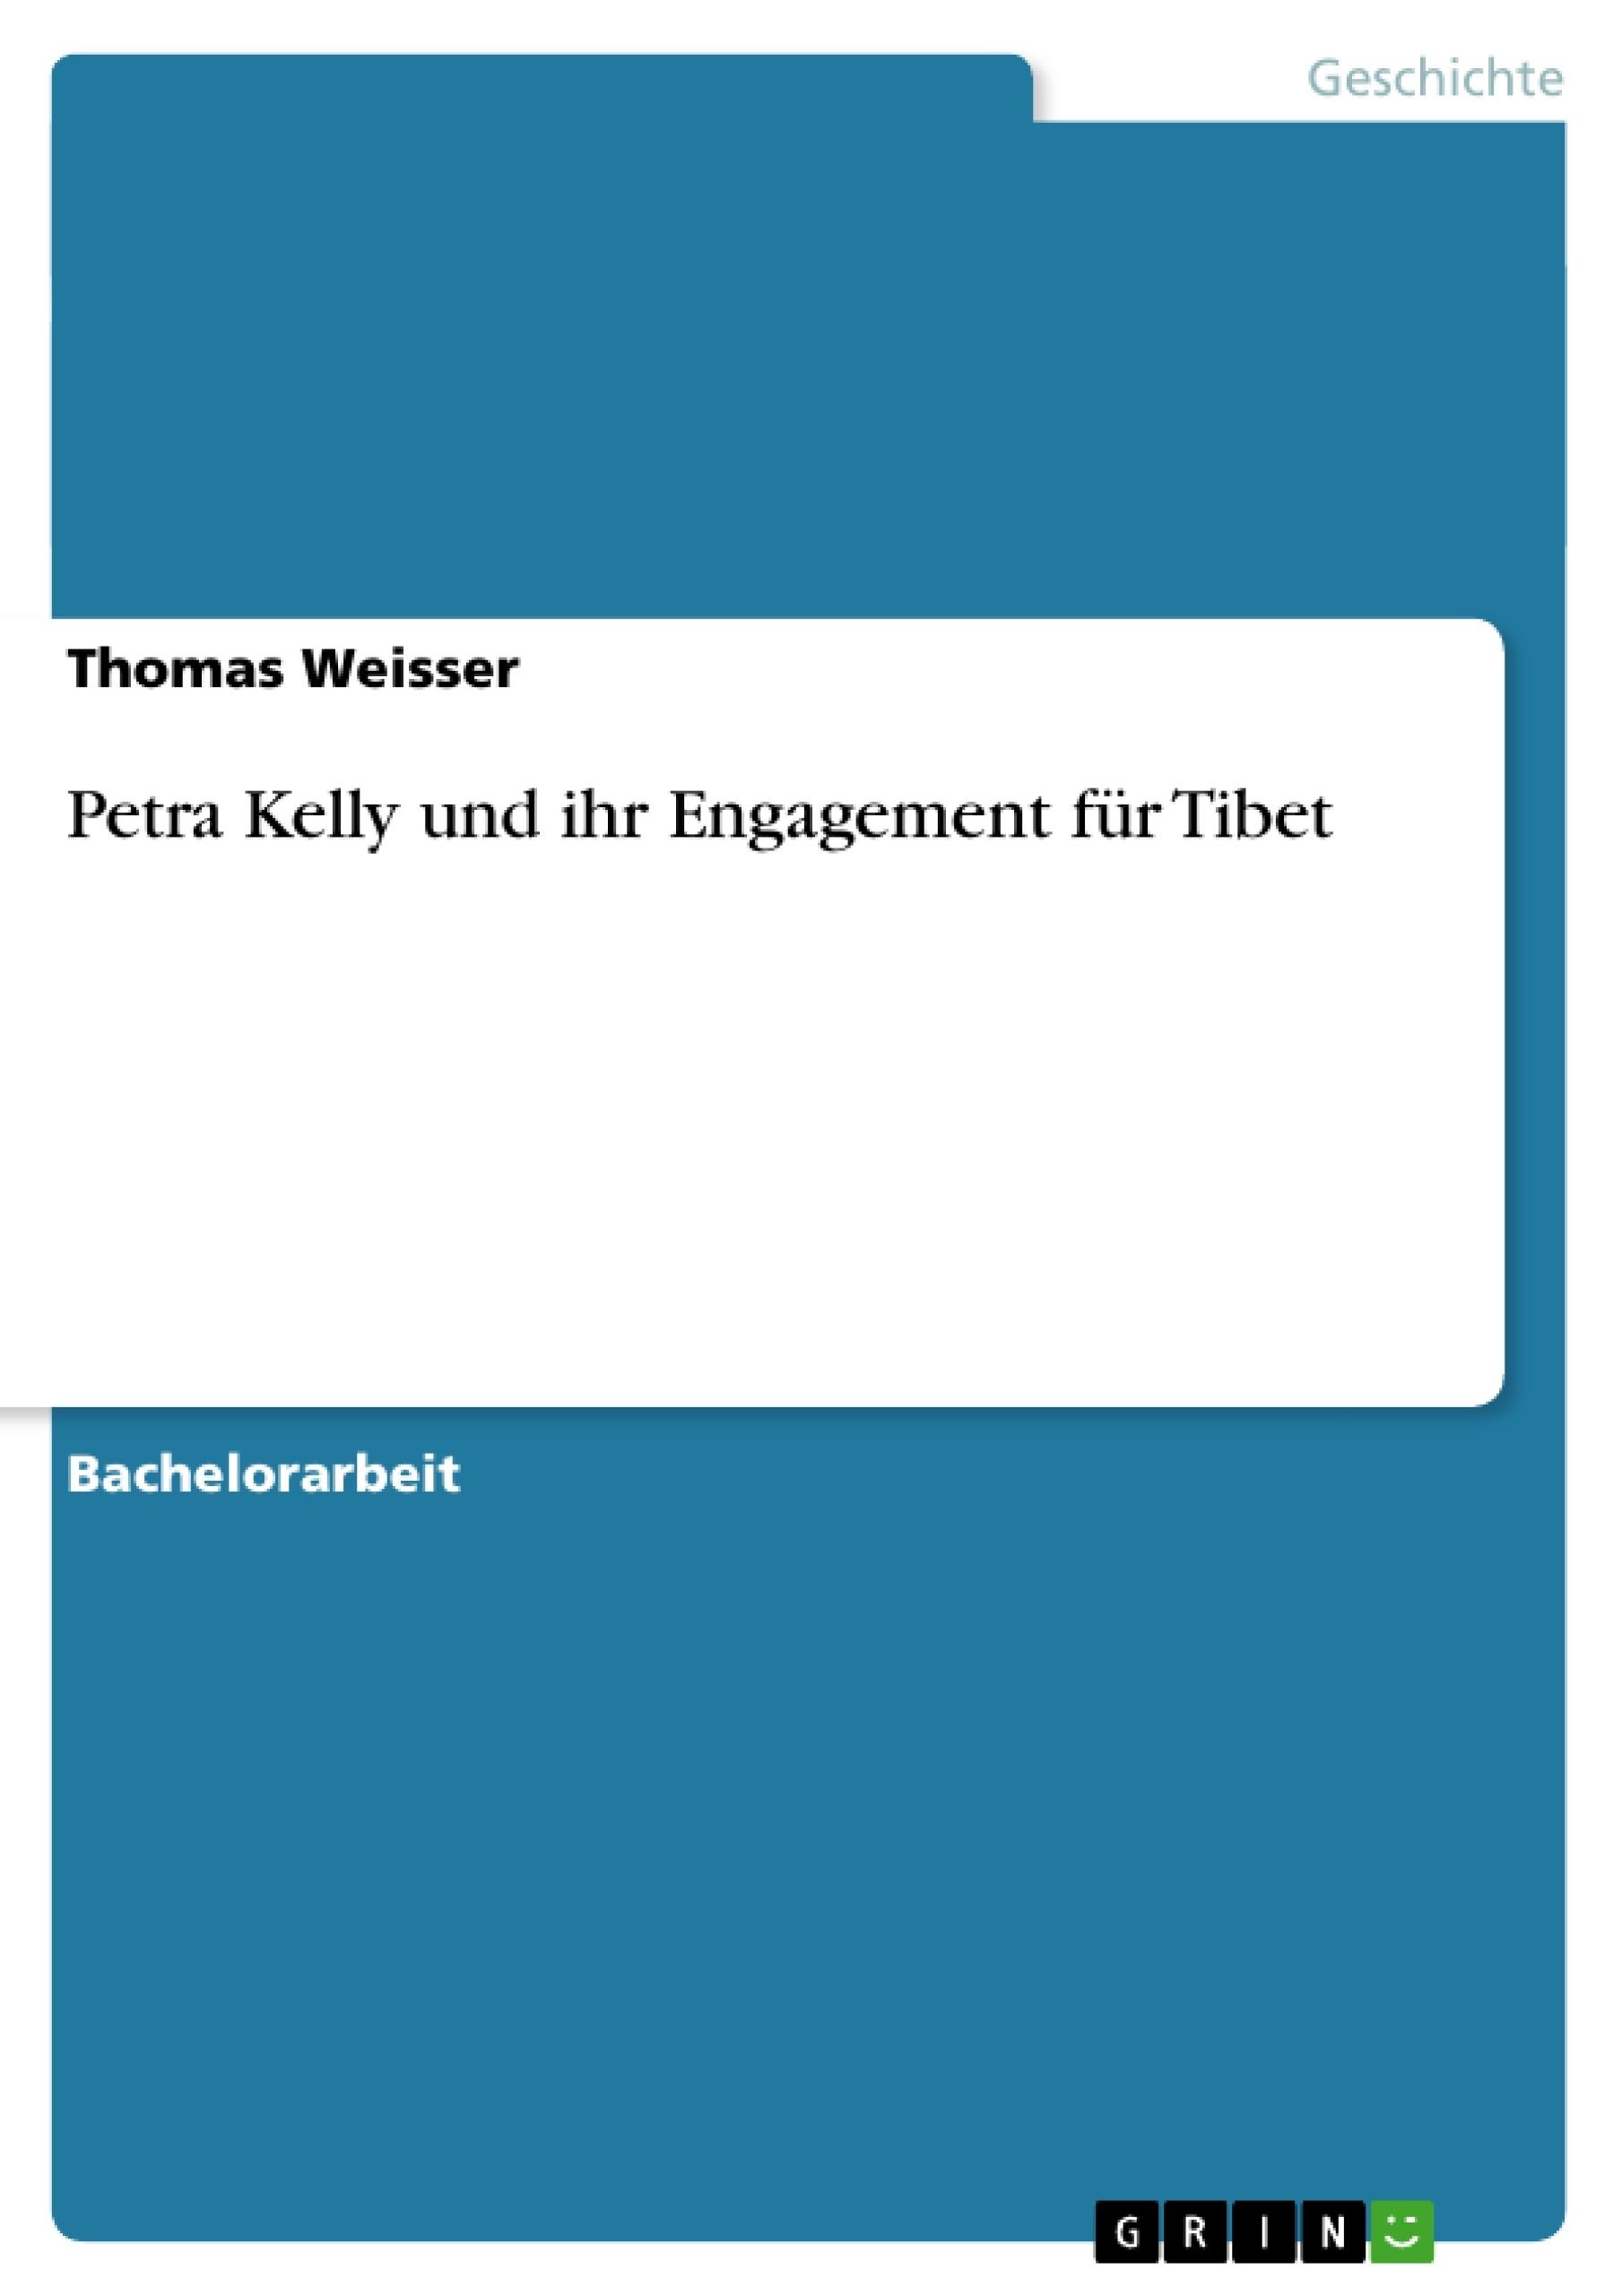 Titel: Petra Kelly und ihr Engagement für Tibet